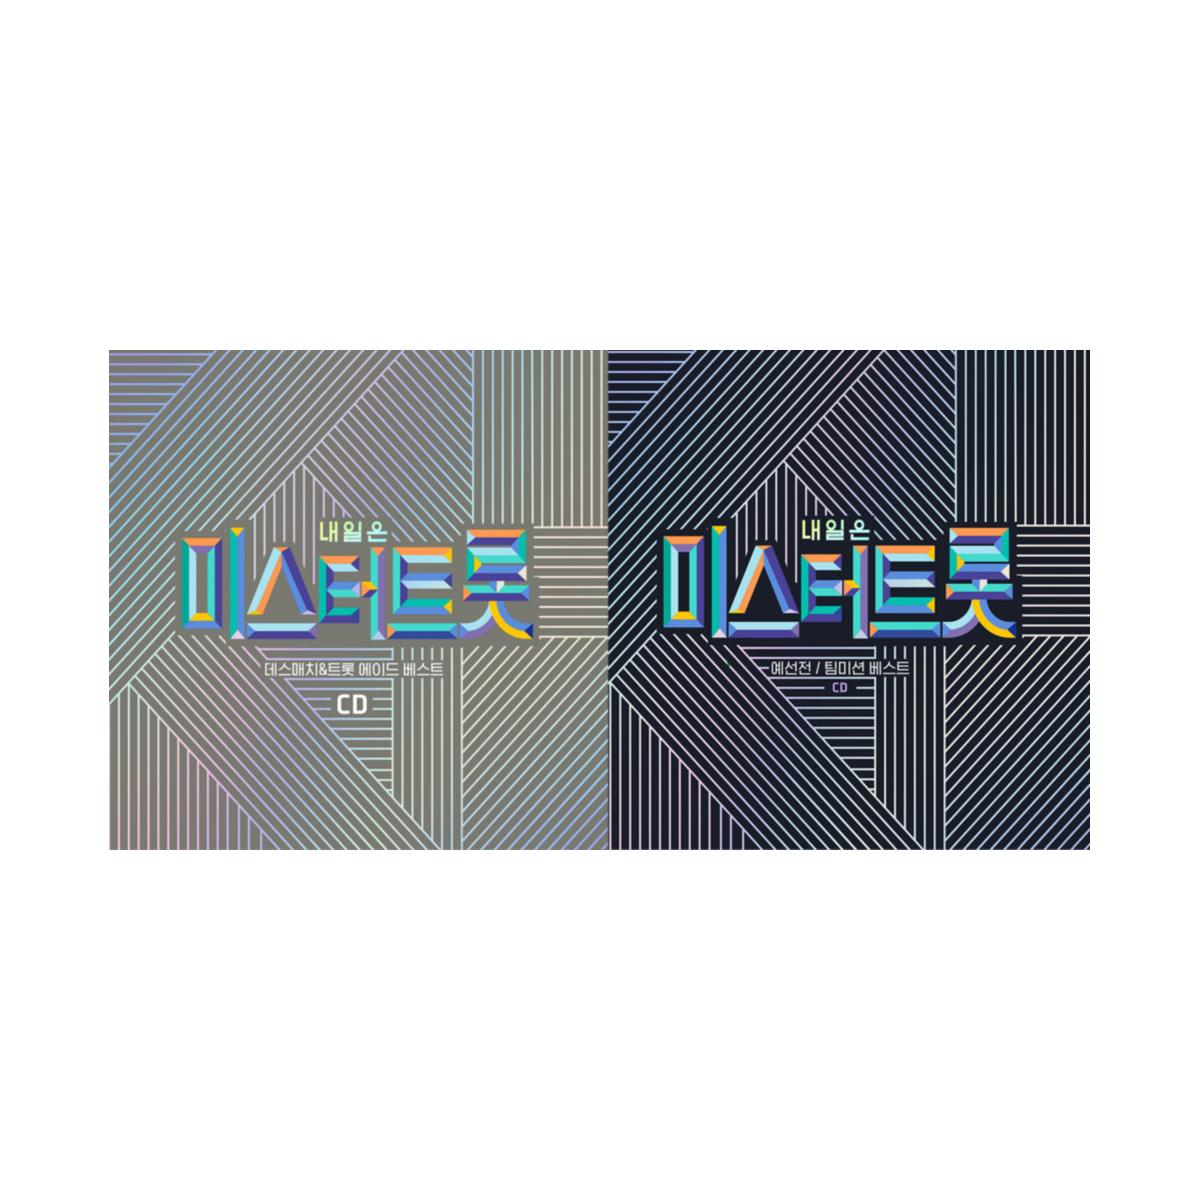 내일은 미스터트롯 - 예선전&팀미션 + 데스매치&트롯에이드 합본 세트, 4CD